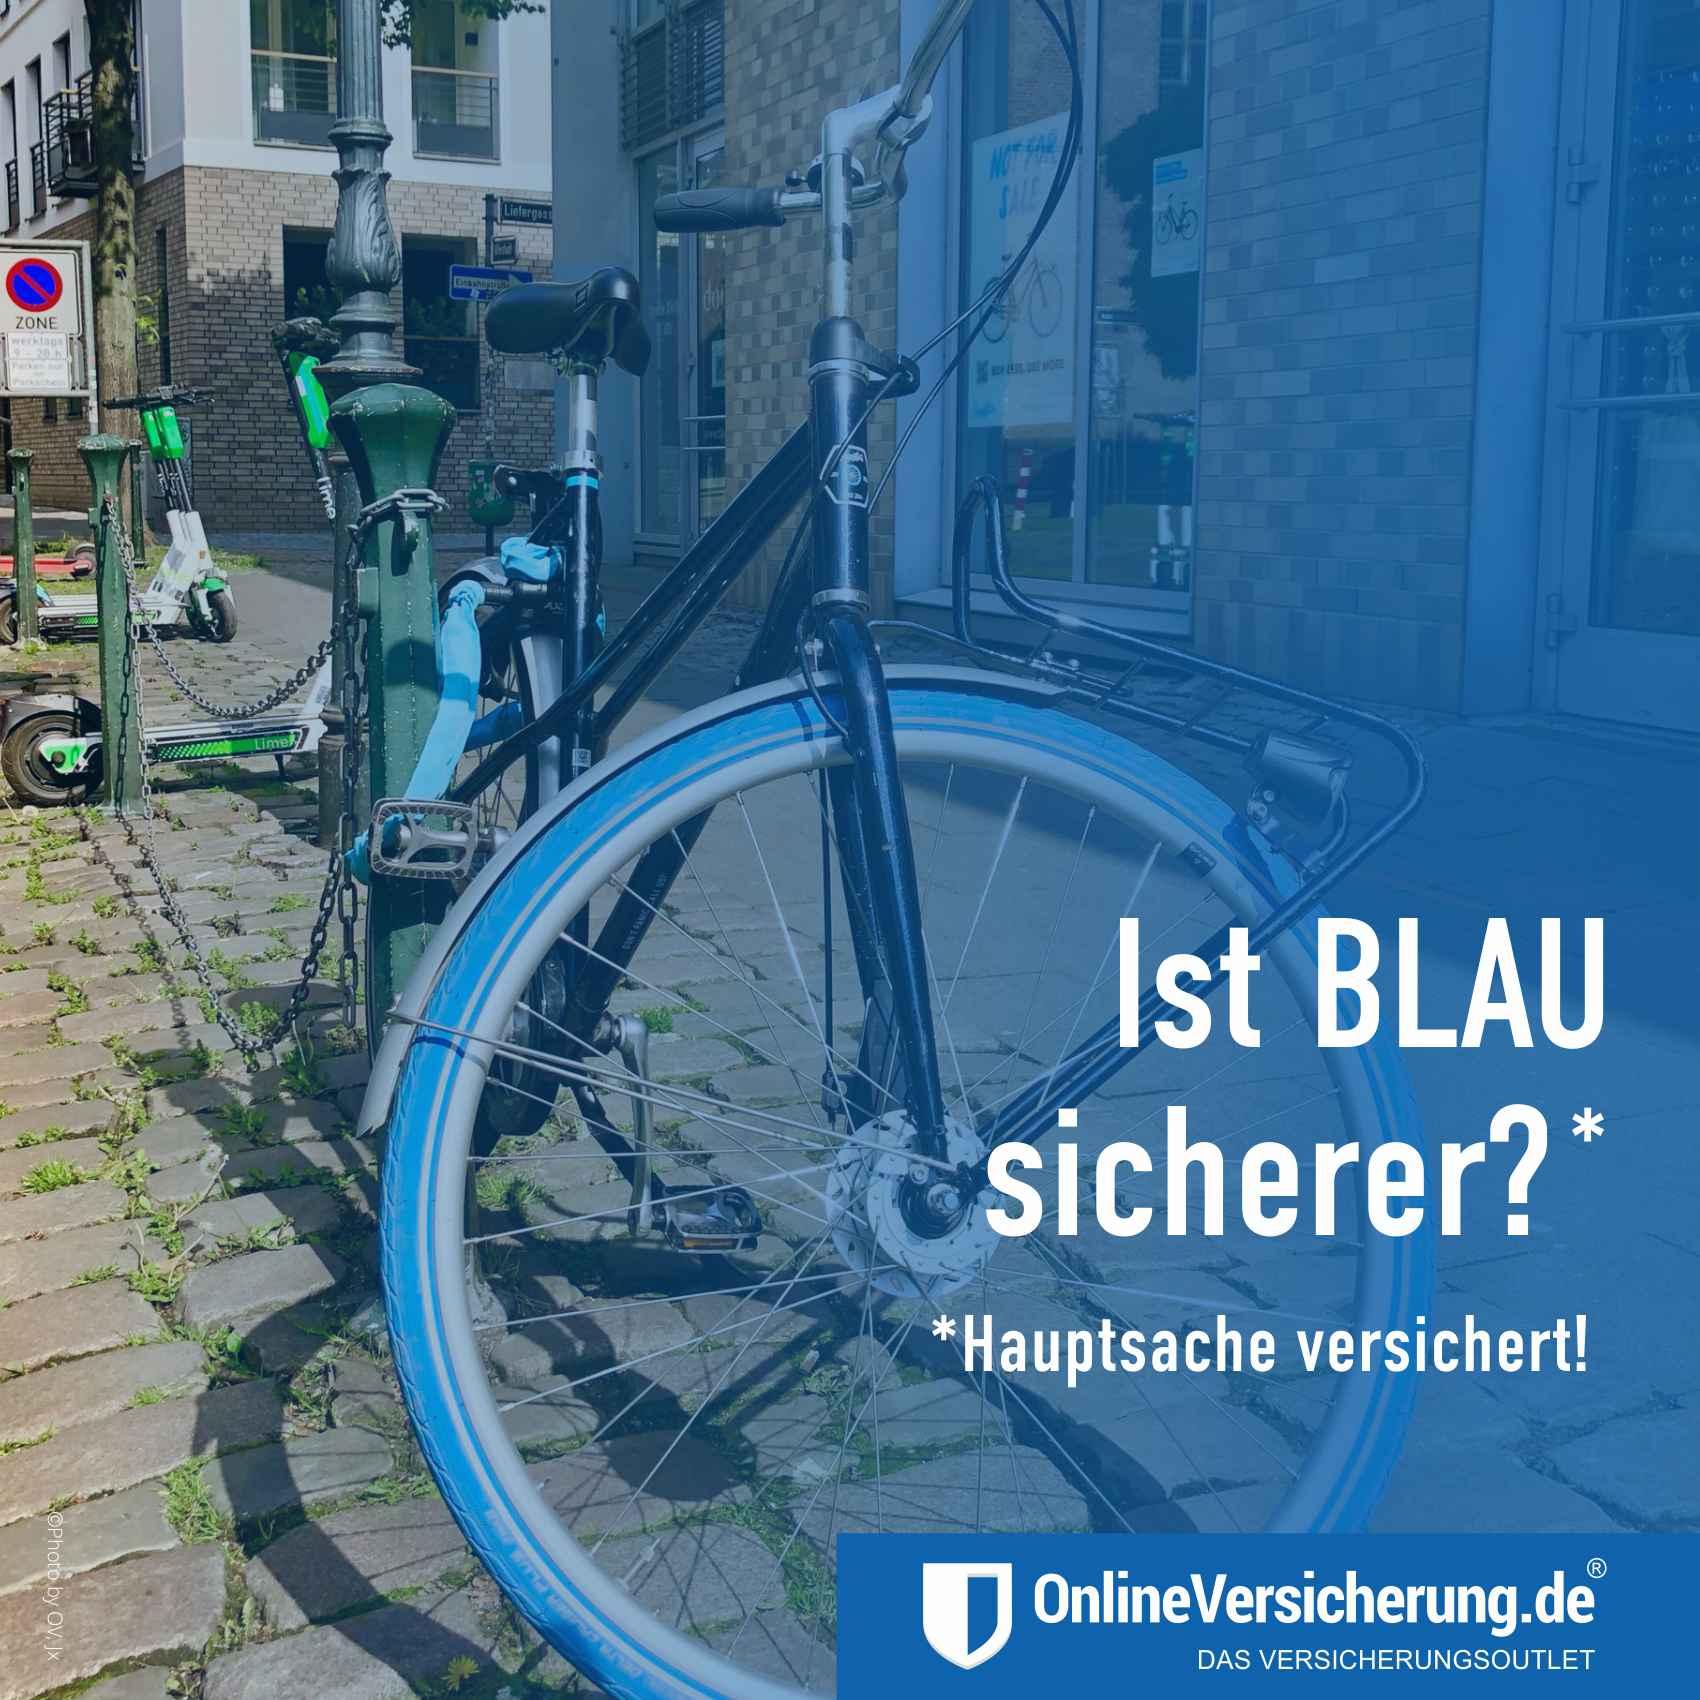 Fahrraddiebstahl - Ist BLAU sicherer? Hausratversicherung Fahrradversicherung